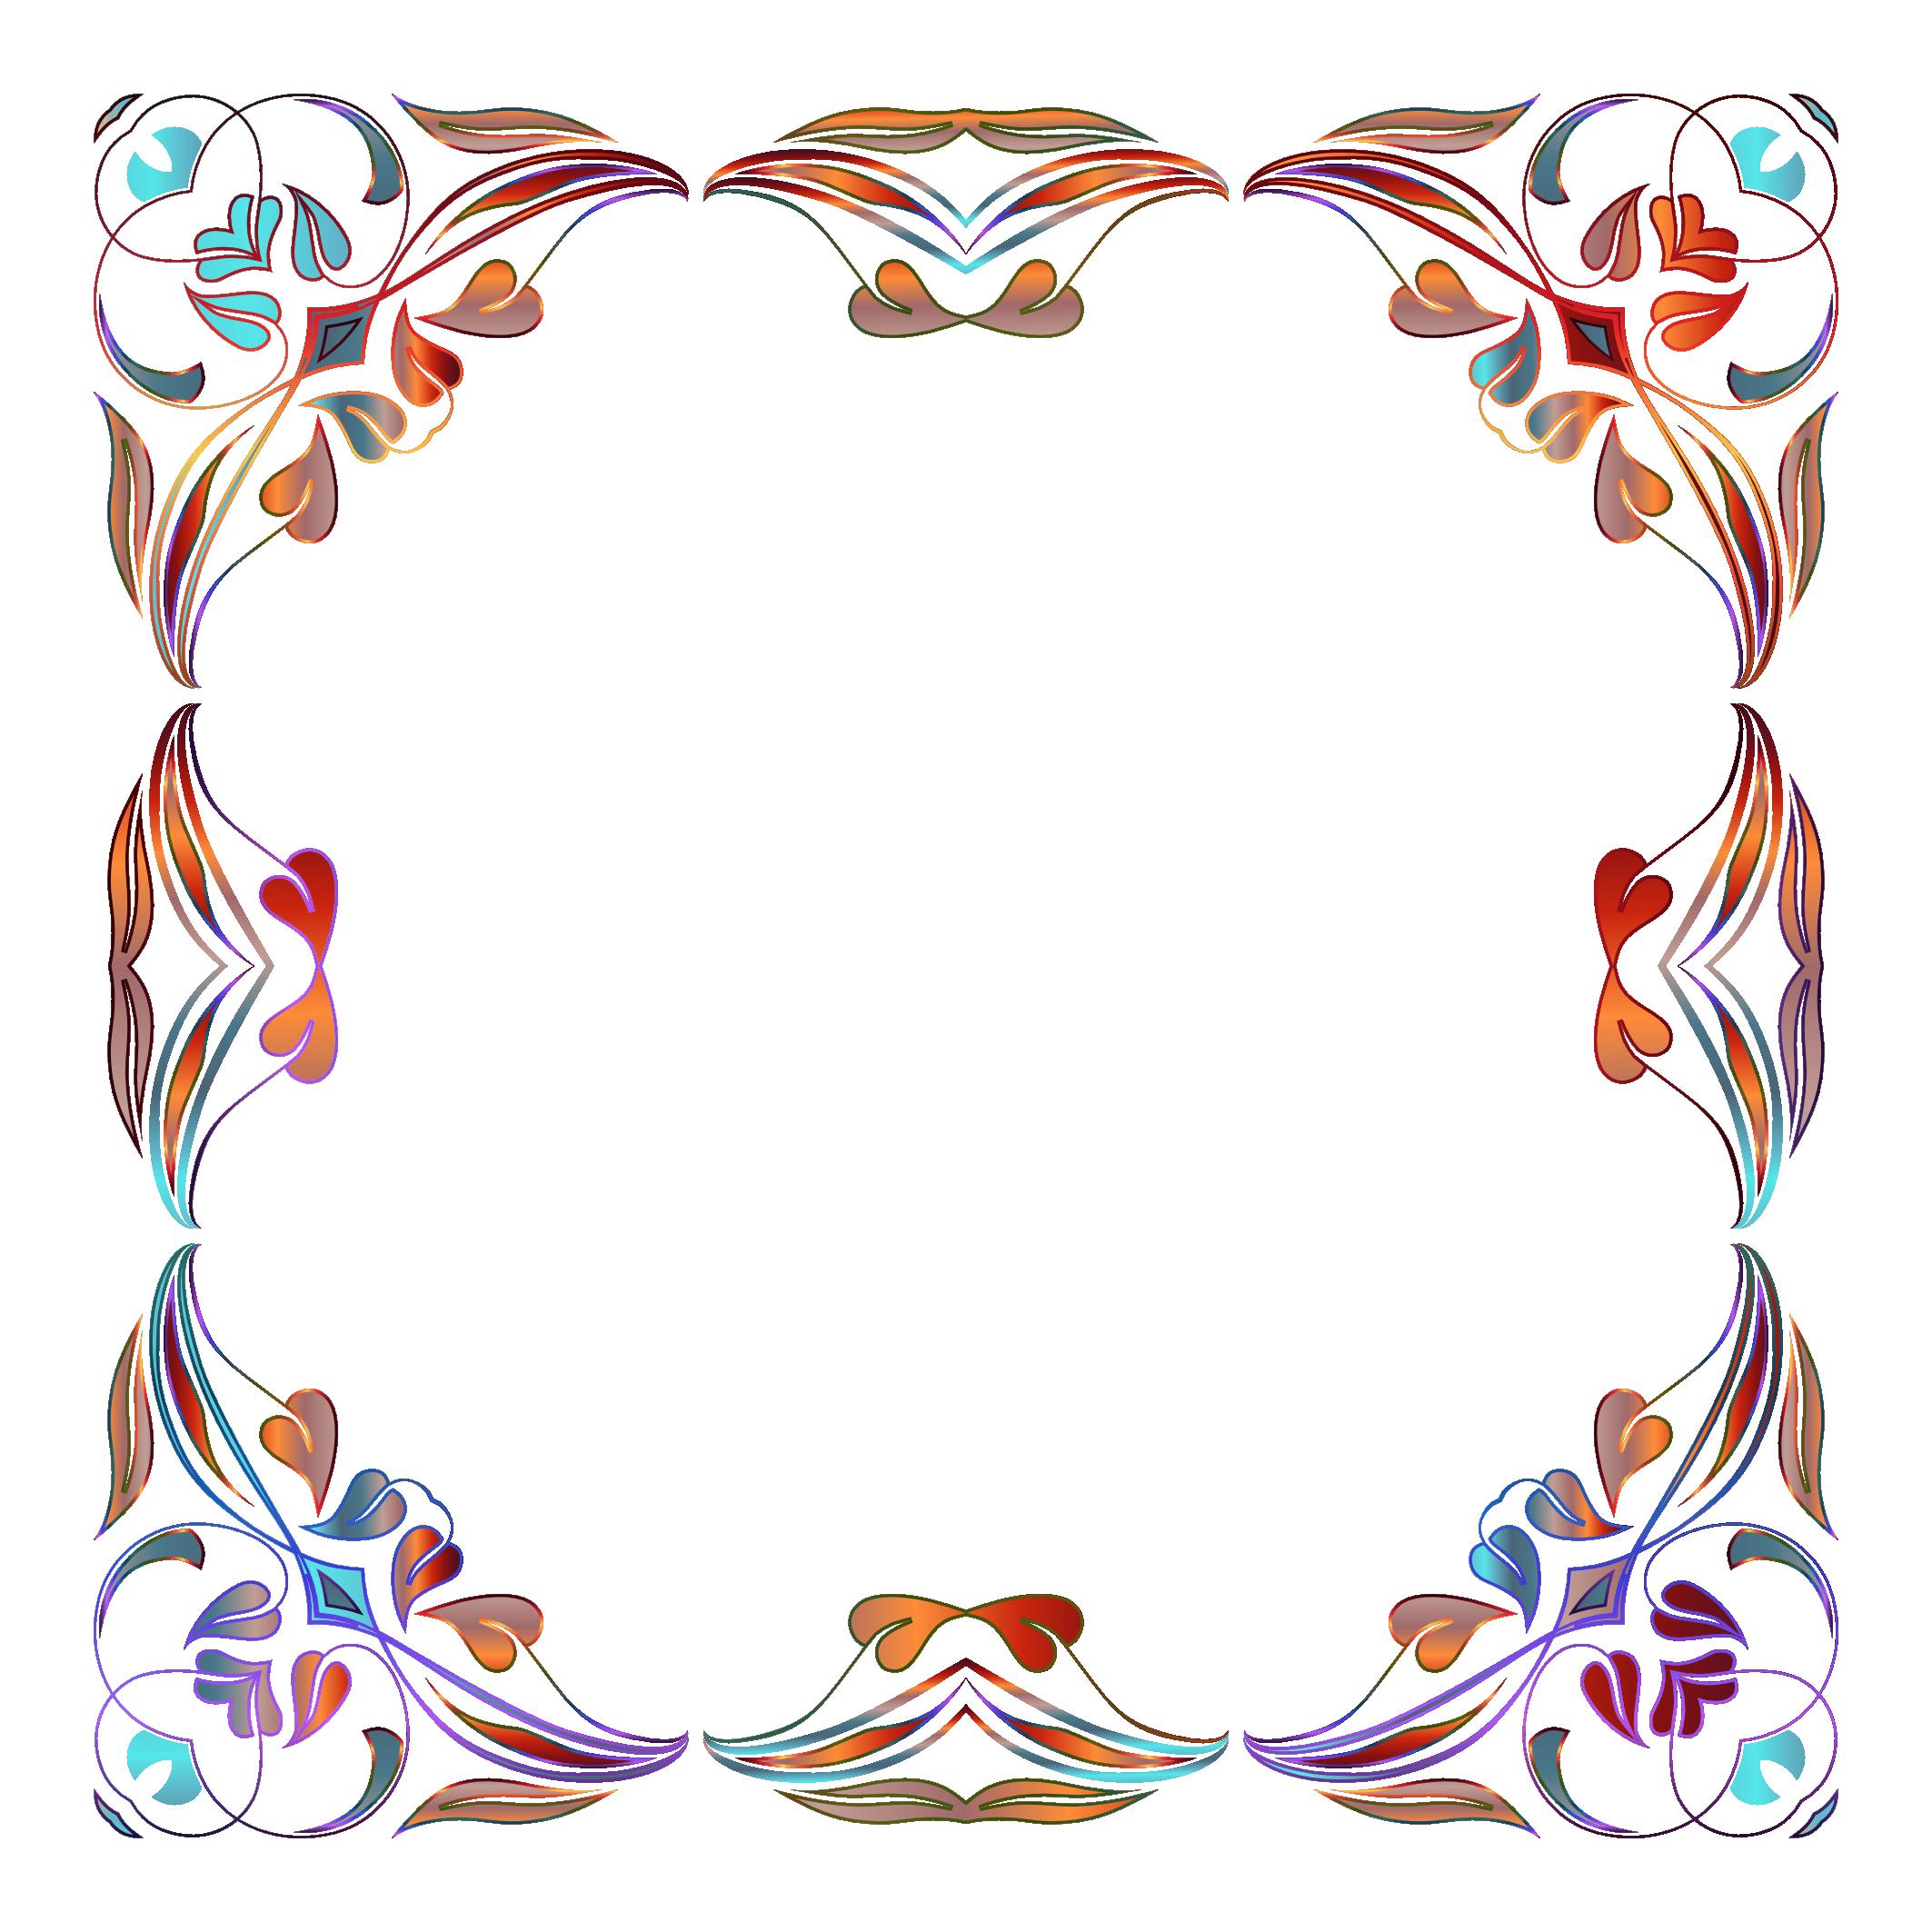 Image pngpix . Floral border png